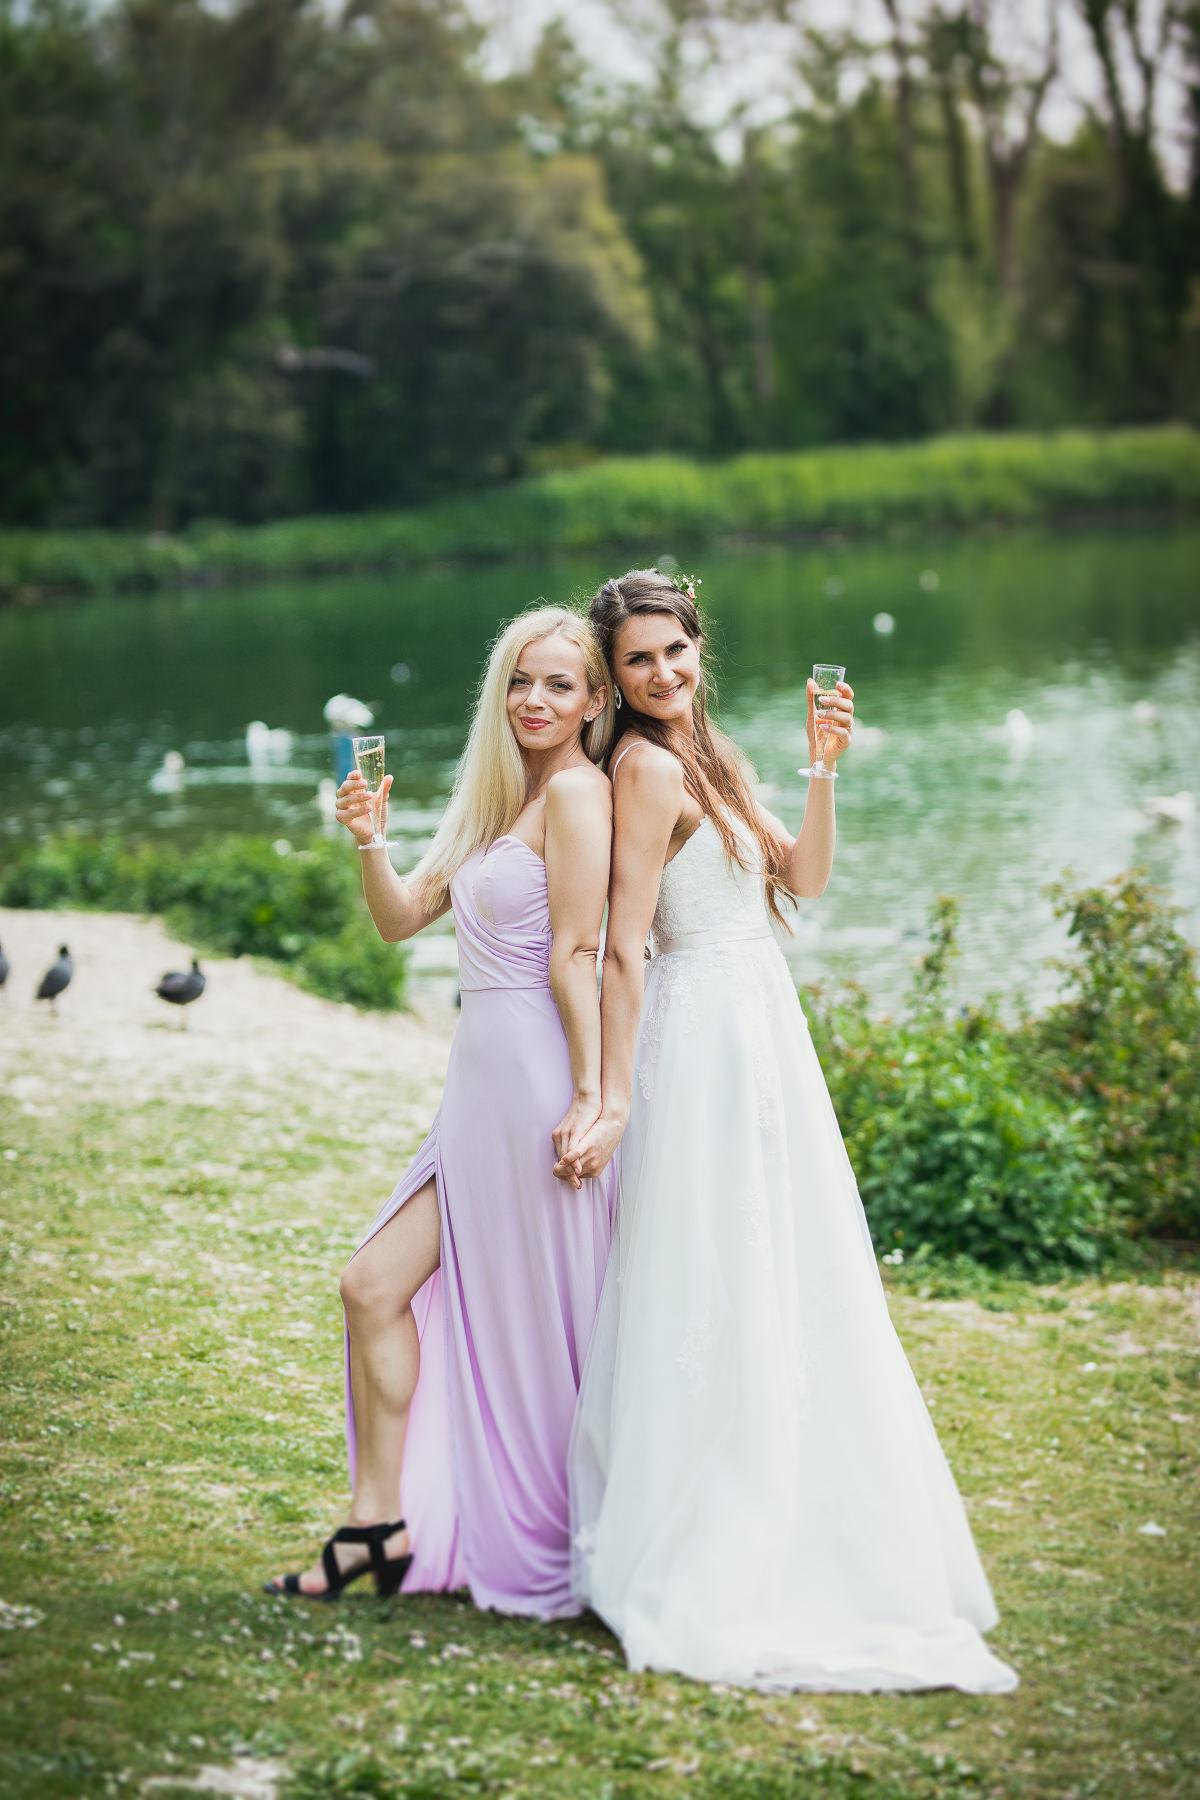 Dangira & Ignas Chichester Weddings VILCINSKAITE PHOTO 9.jpg